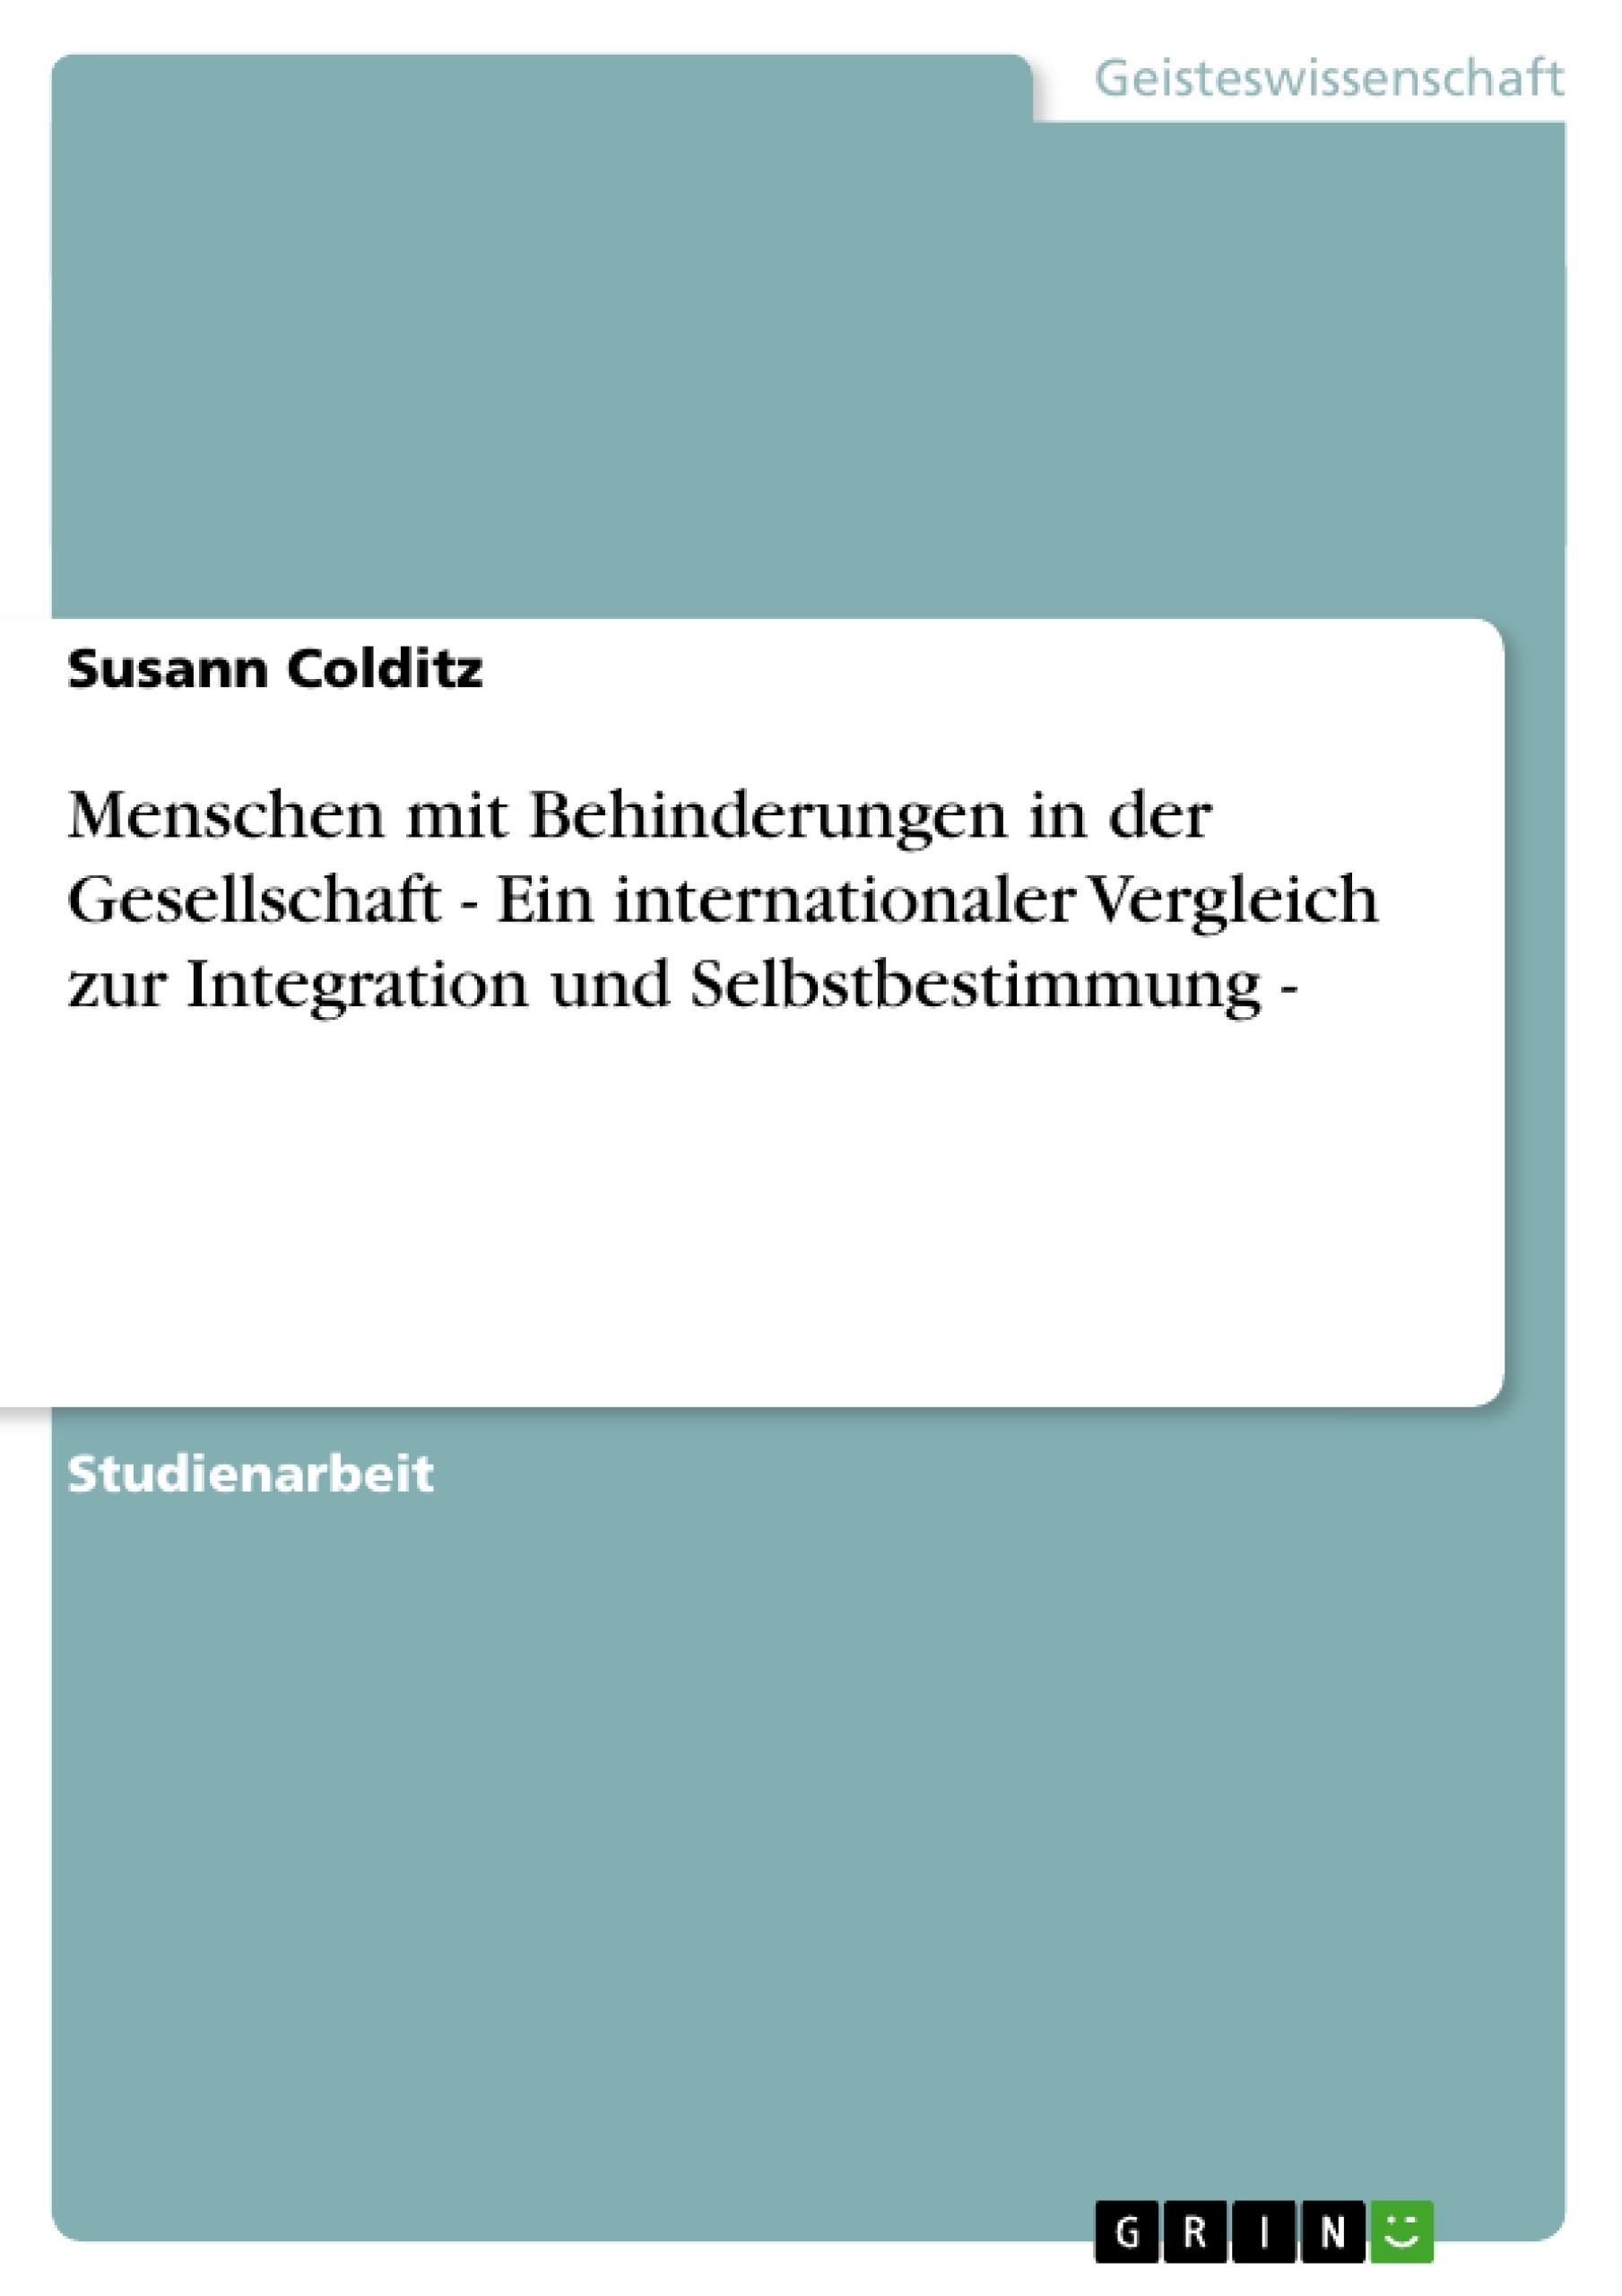 Titel: Menschen mit Behinderungen in der Gesellschaft - Ein internationaler Vergleich zur Integration und Selbstbestimmung -